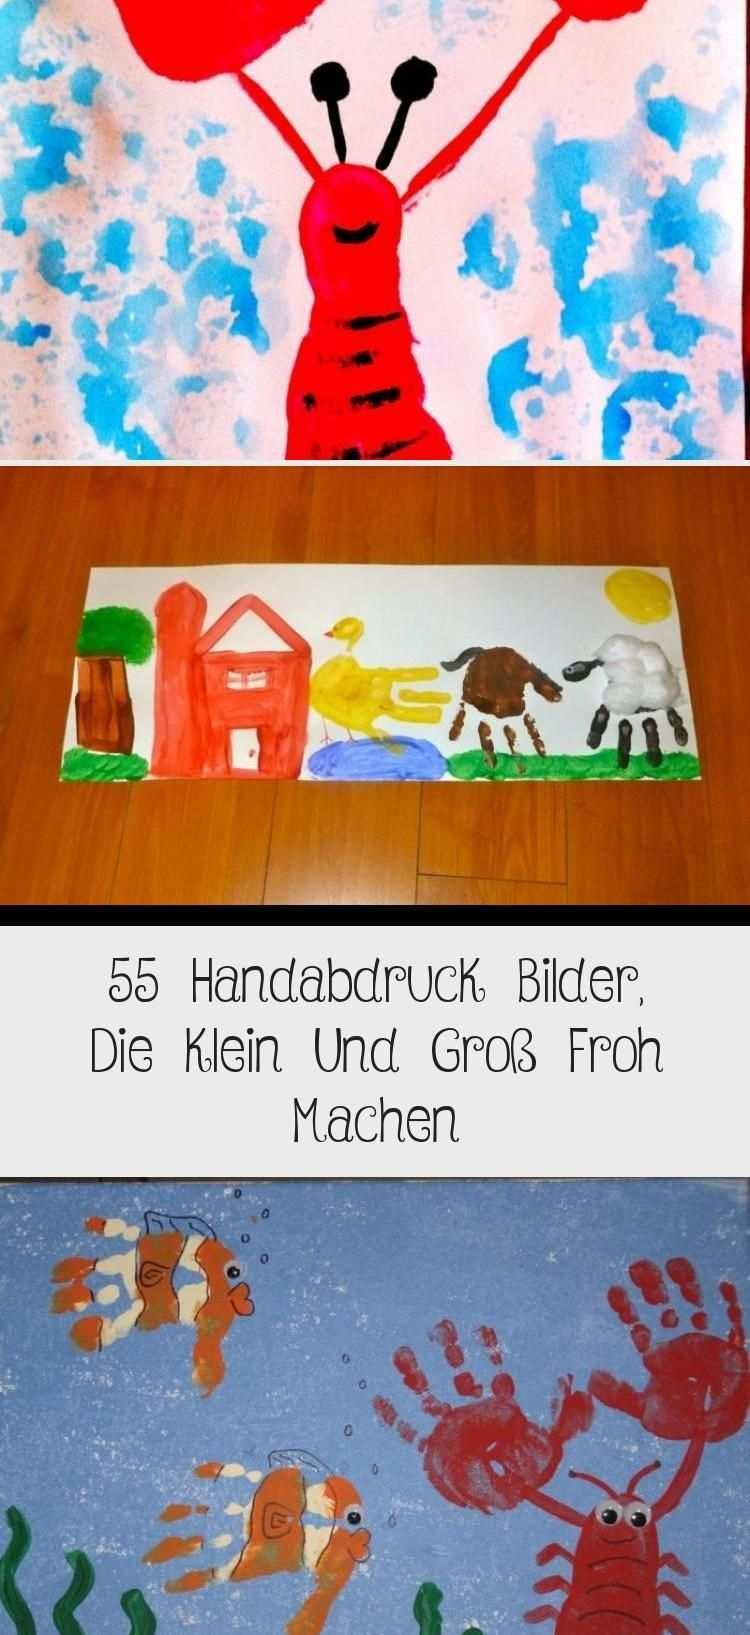 55 Handabdruck Bilder Die Klein Und Gross Froh Machen Winter In 2020 Winter Crafts For Kids Winter Kids Crafts For Kids